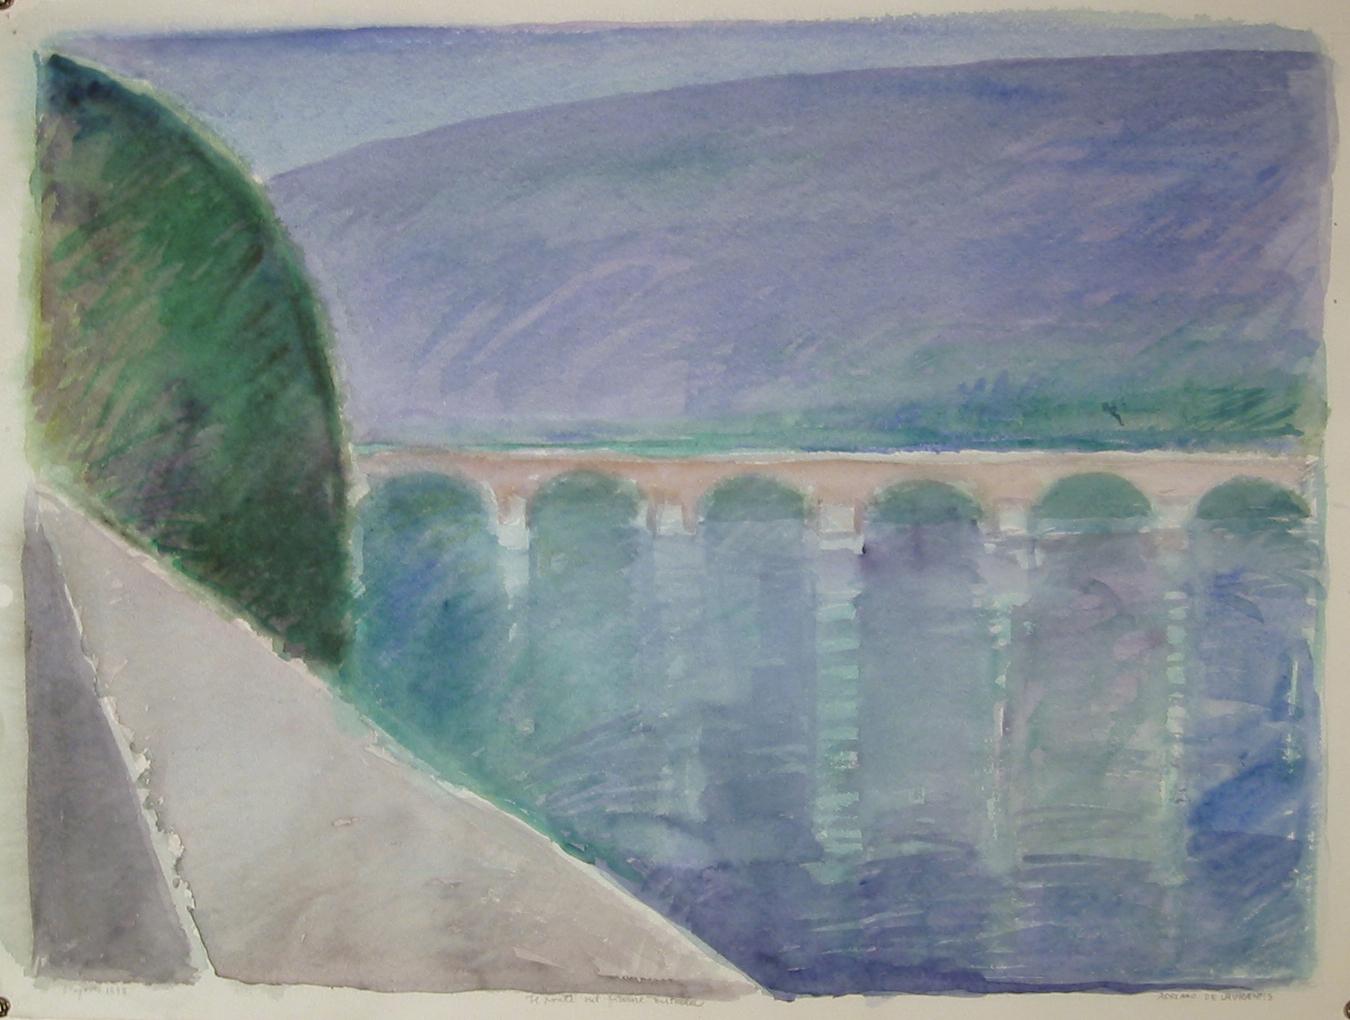 Il ponte sul fiume Entella - 1993 - Acquerello su Cartoncino - 52x71